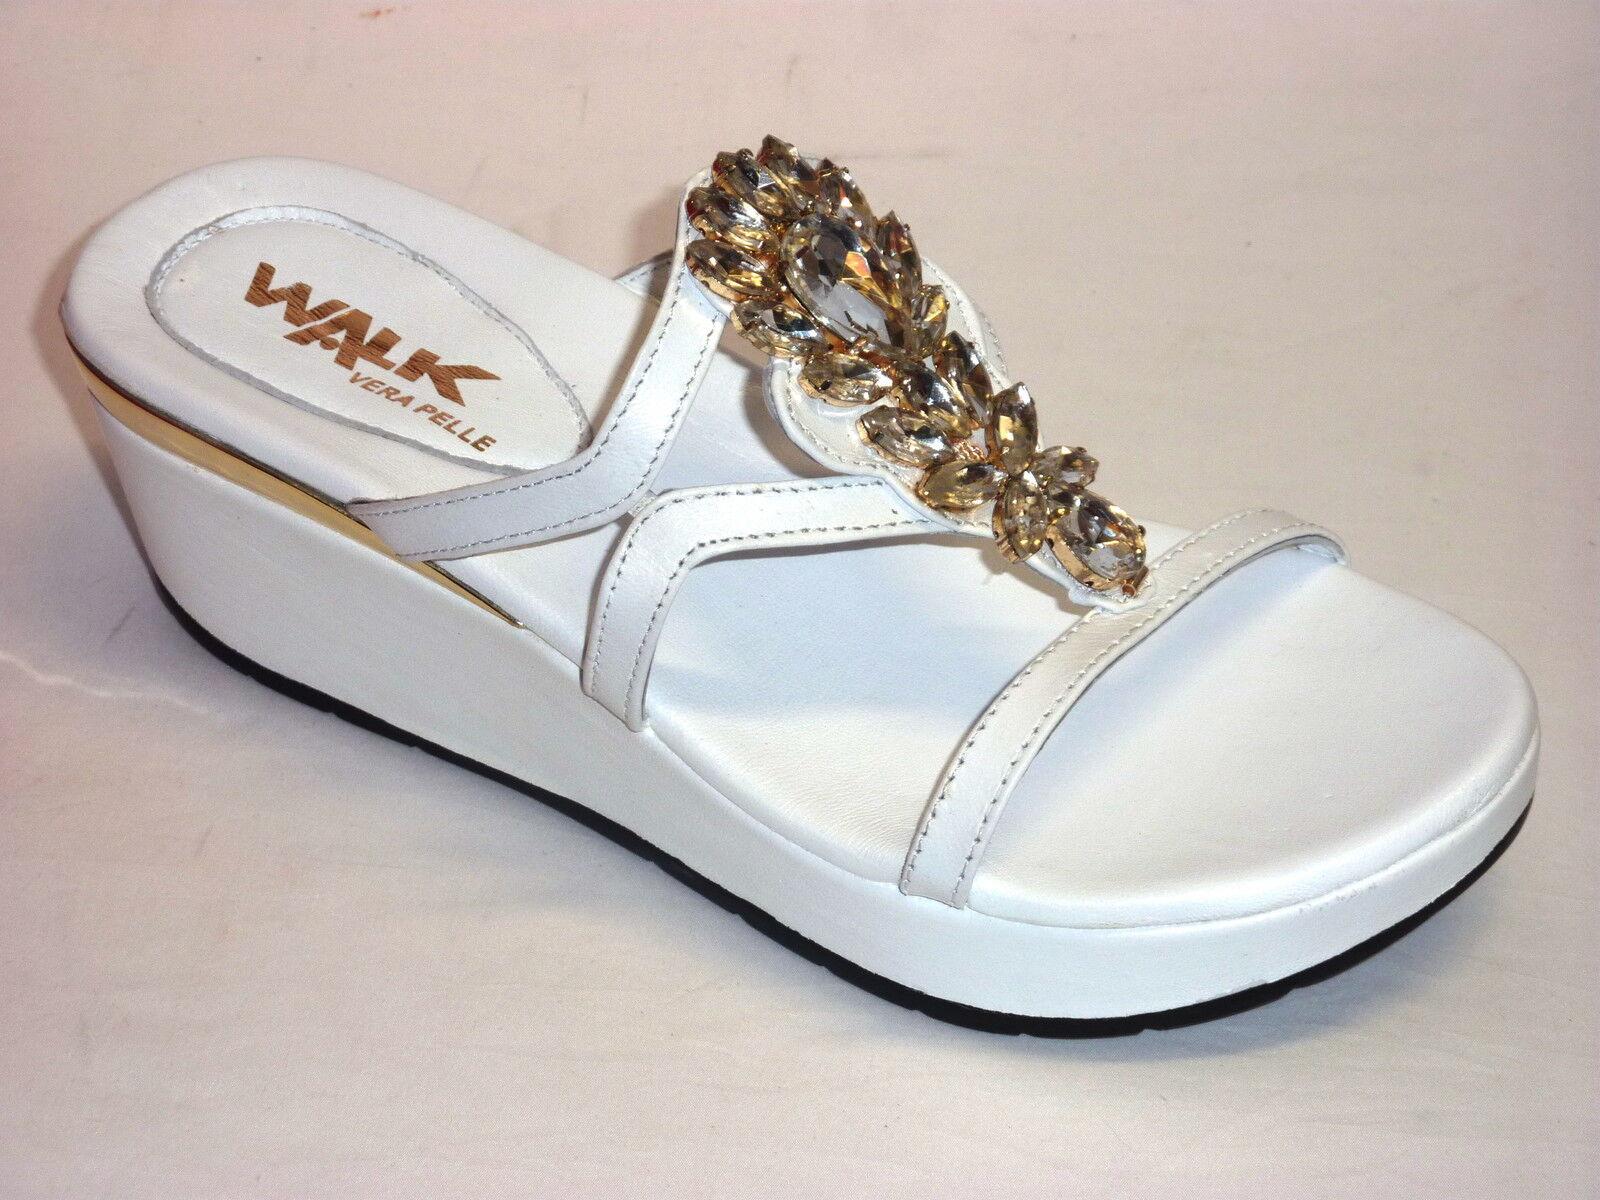 K80031 MELLUSO WALK WALK WALK CIABATTE mujer CON ZEPPA  PELLE blanco CON STRASS  n. 39  buscando agente de ventas